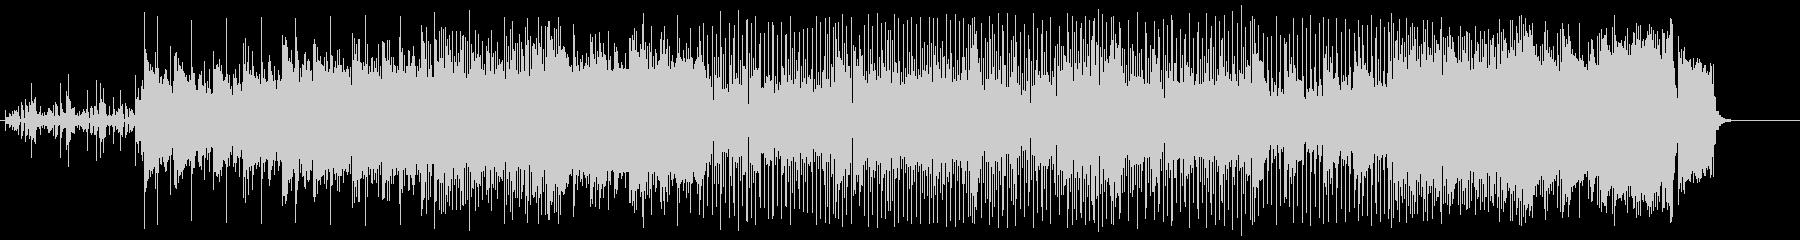 怪しいマイナー・テクノ/ポップの未再生の波形